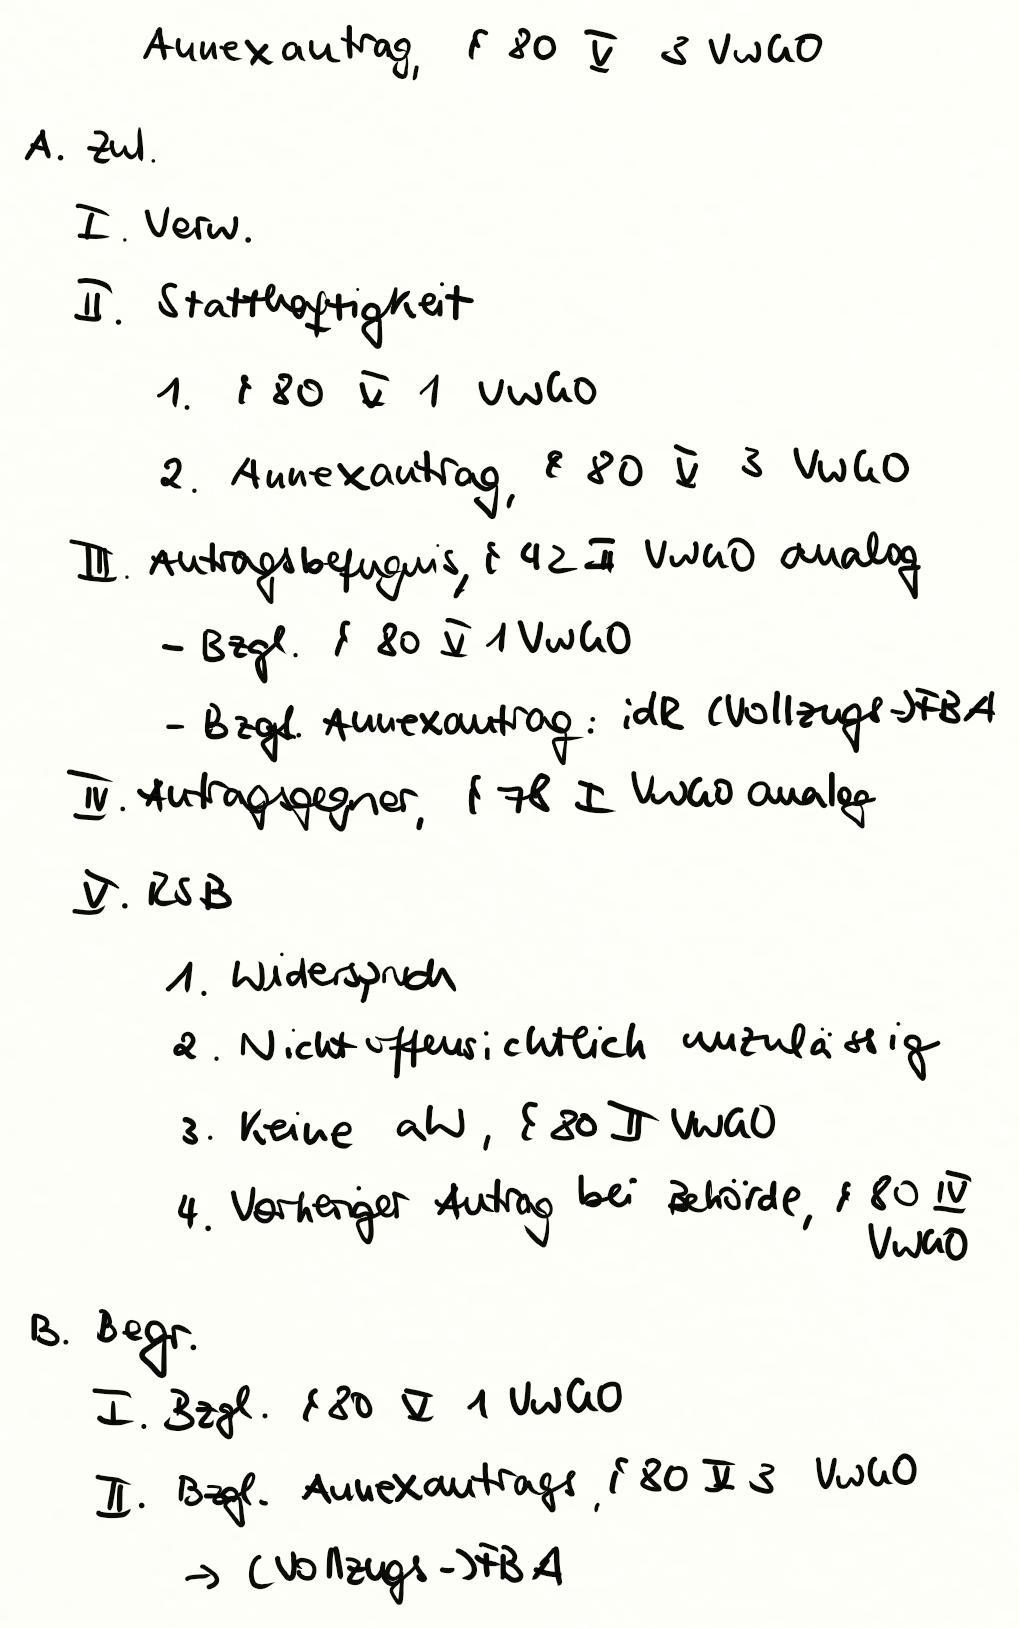 Annexantrag 80 V 3 Vwgo Exkurs Jura Online